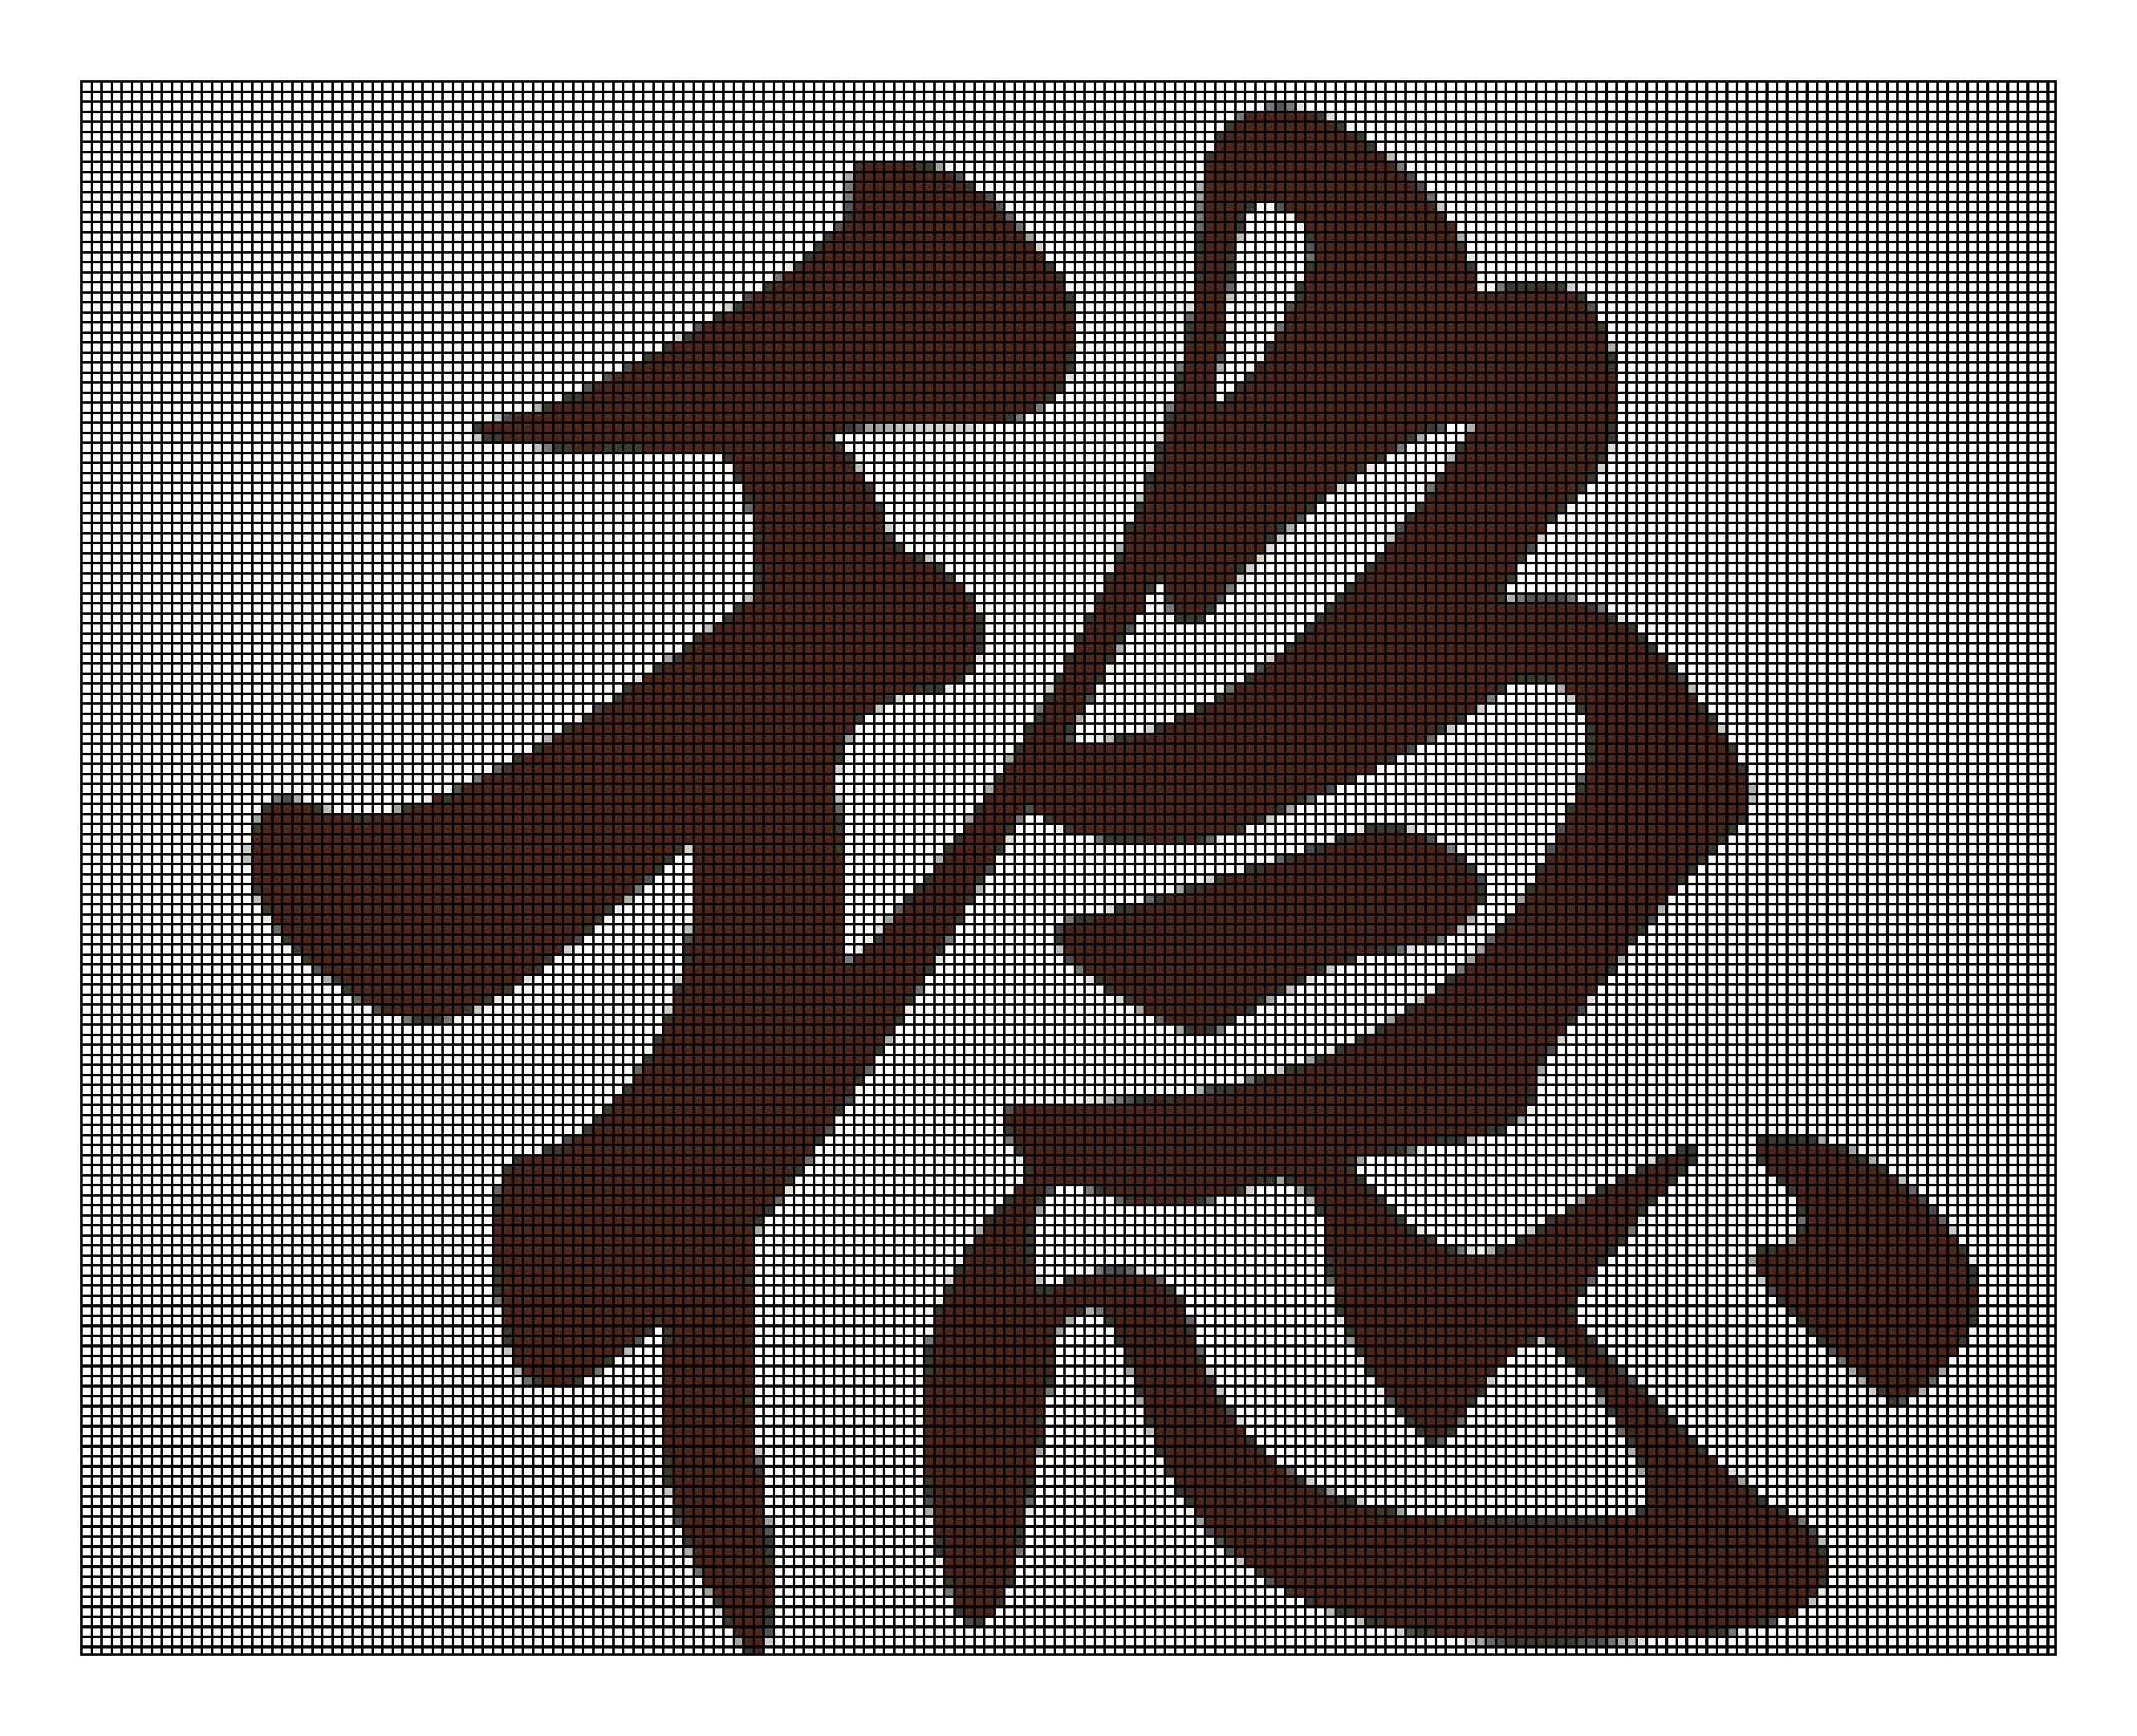 急求 把稳字转换成十字绣图案图片